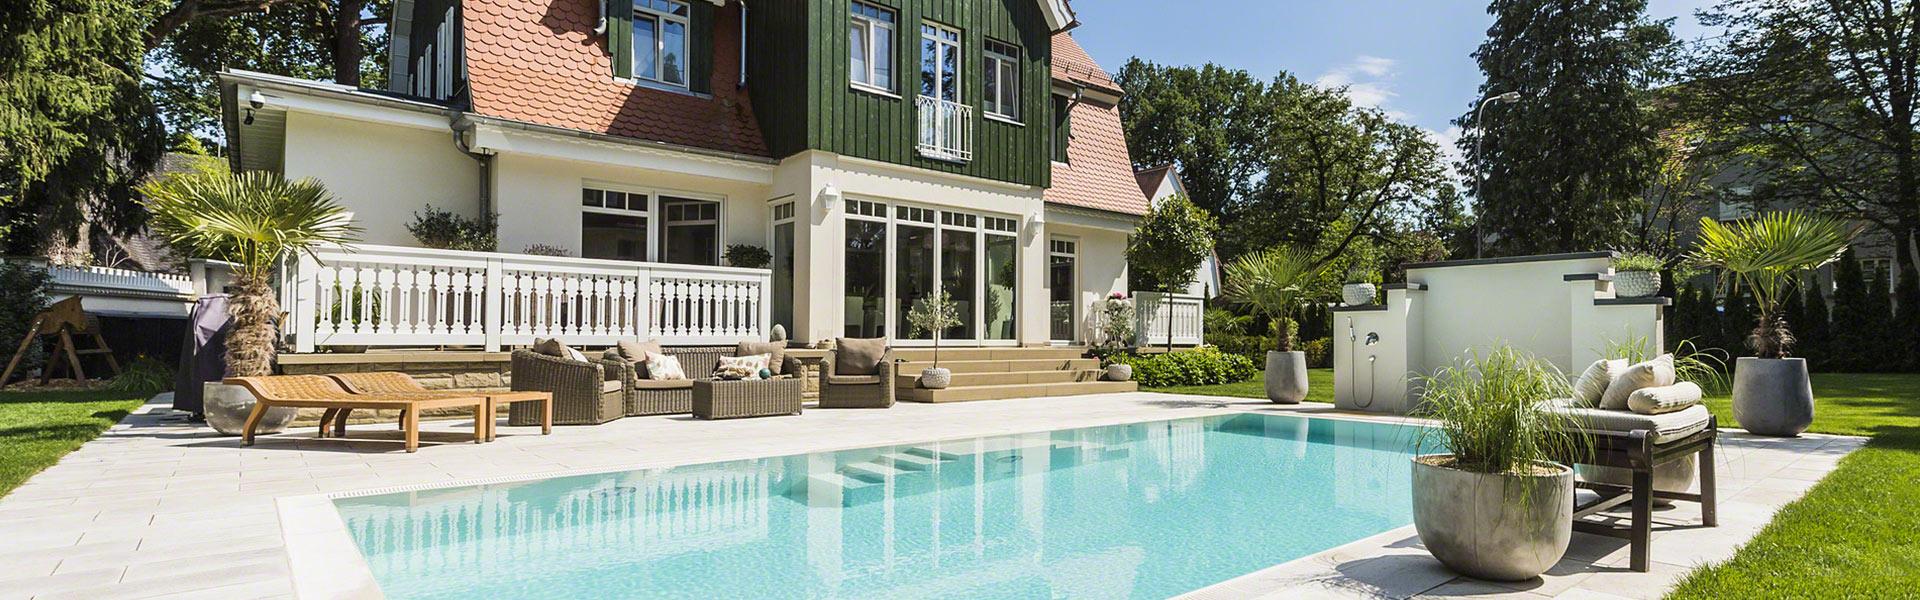 Villa mit Pool von Pro Pool im Garten